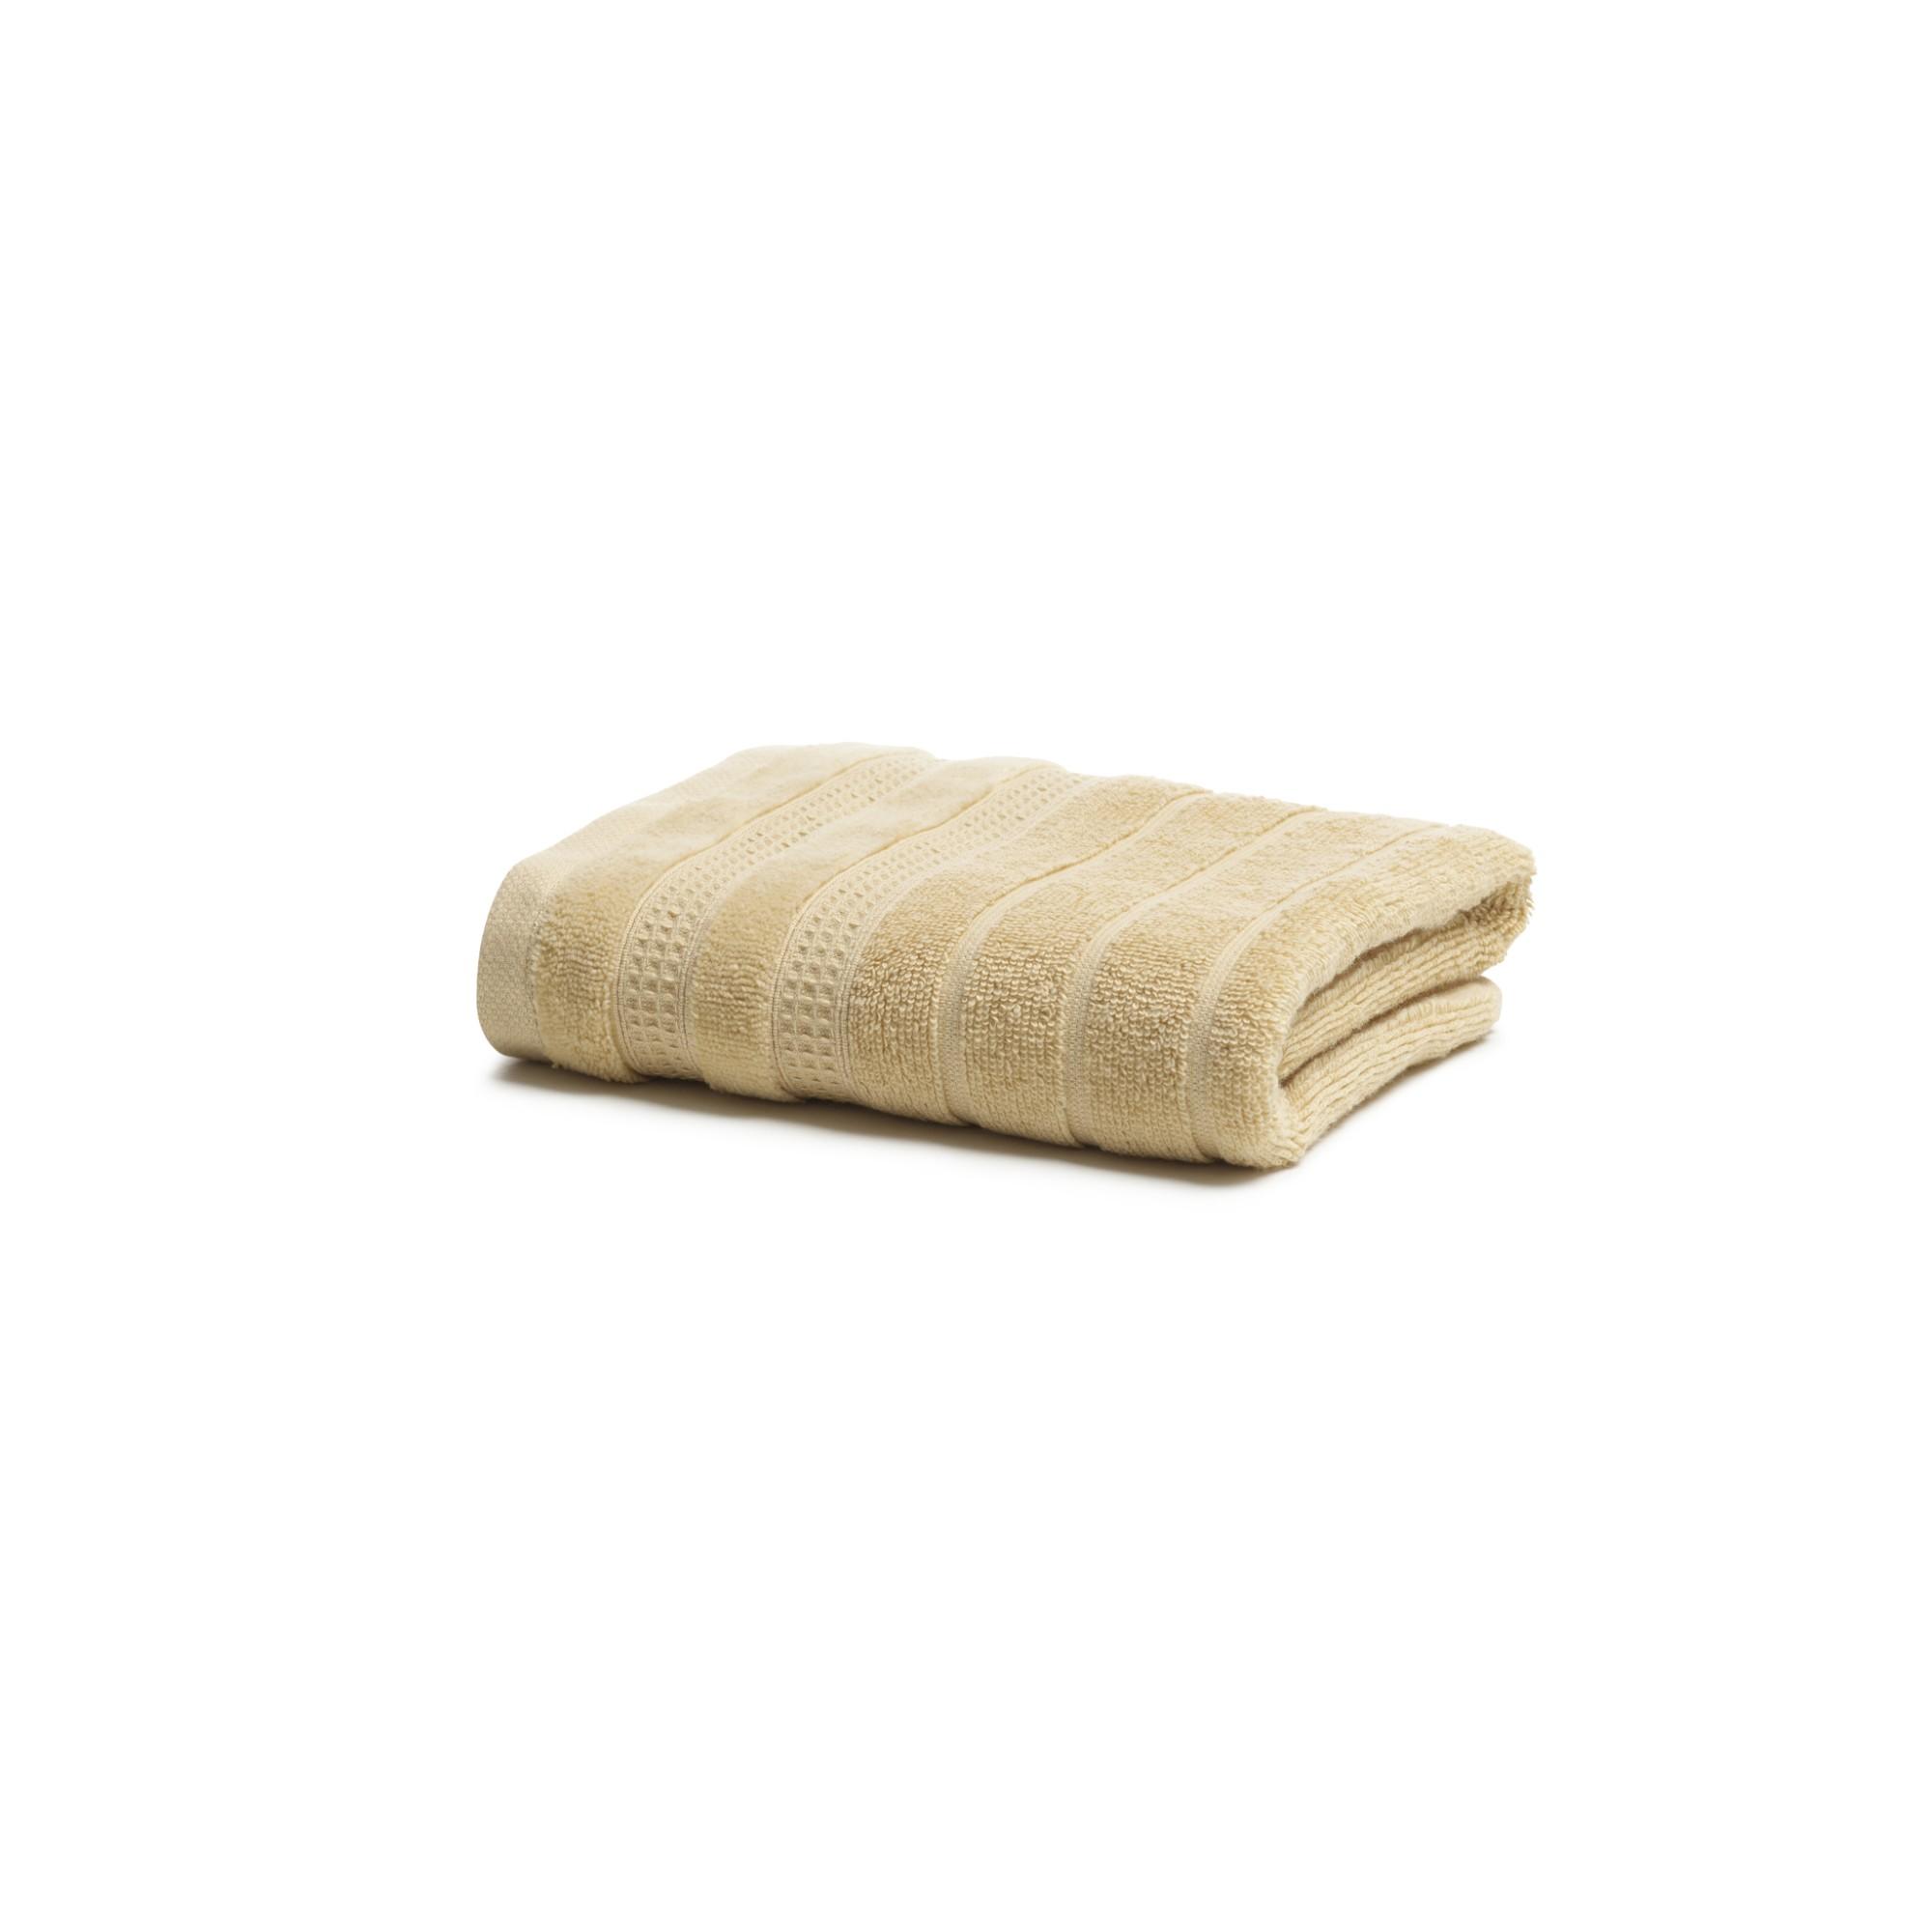 Toalha de Banho Masp 100 Algodao 70 x 140 cm Mostarda - Artex